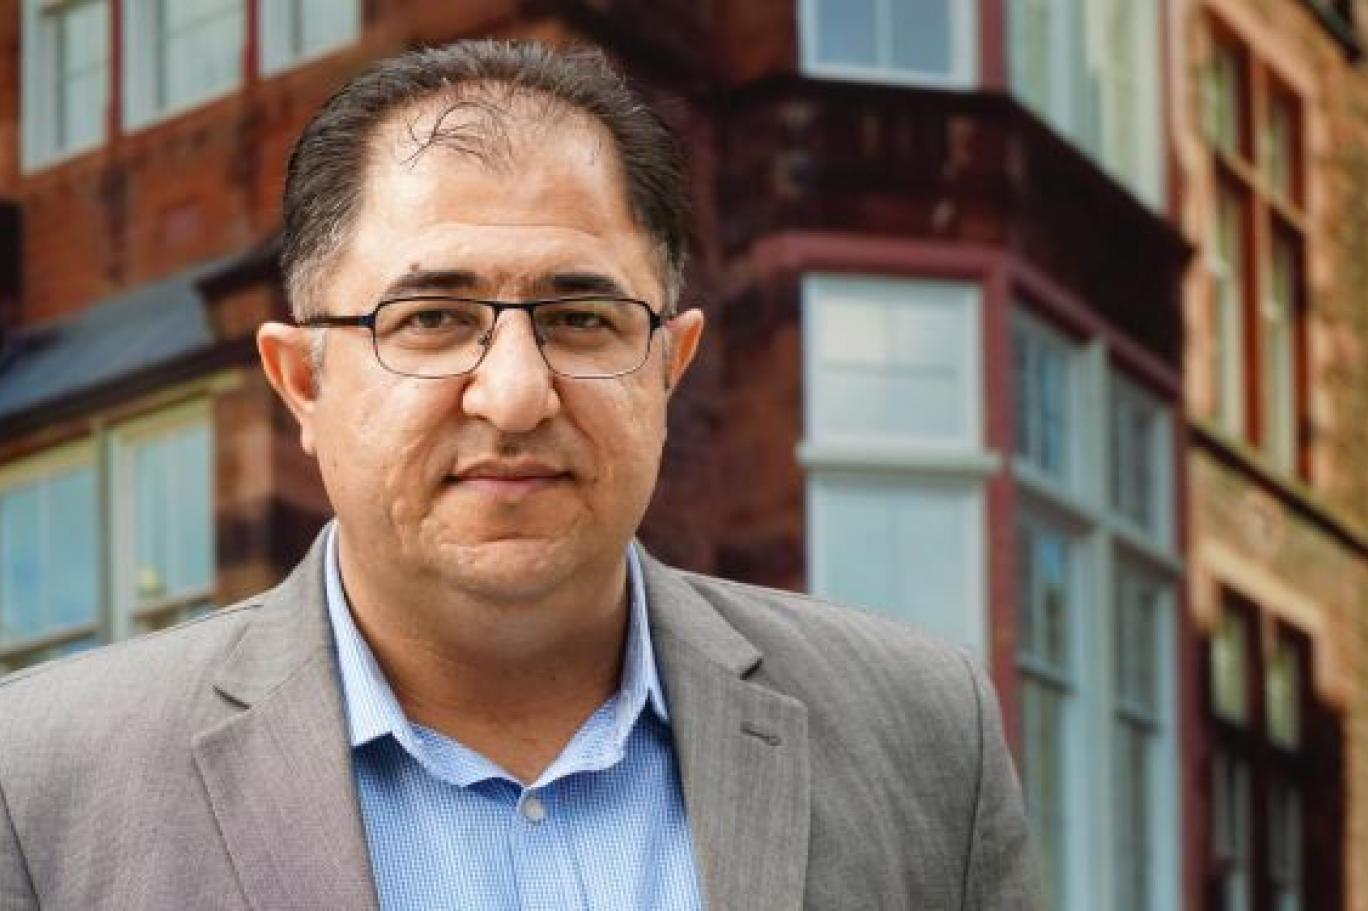 هيثم حسين: العنف يرتبط بالإنسان أكثر من البيئة الجغرافية